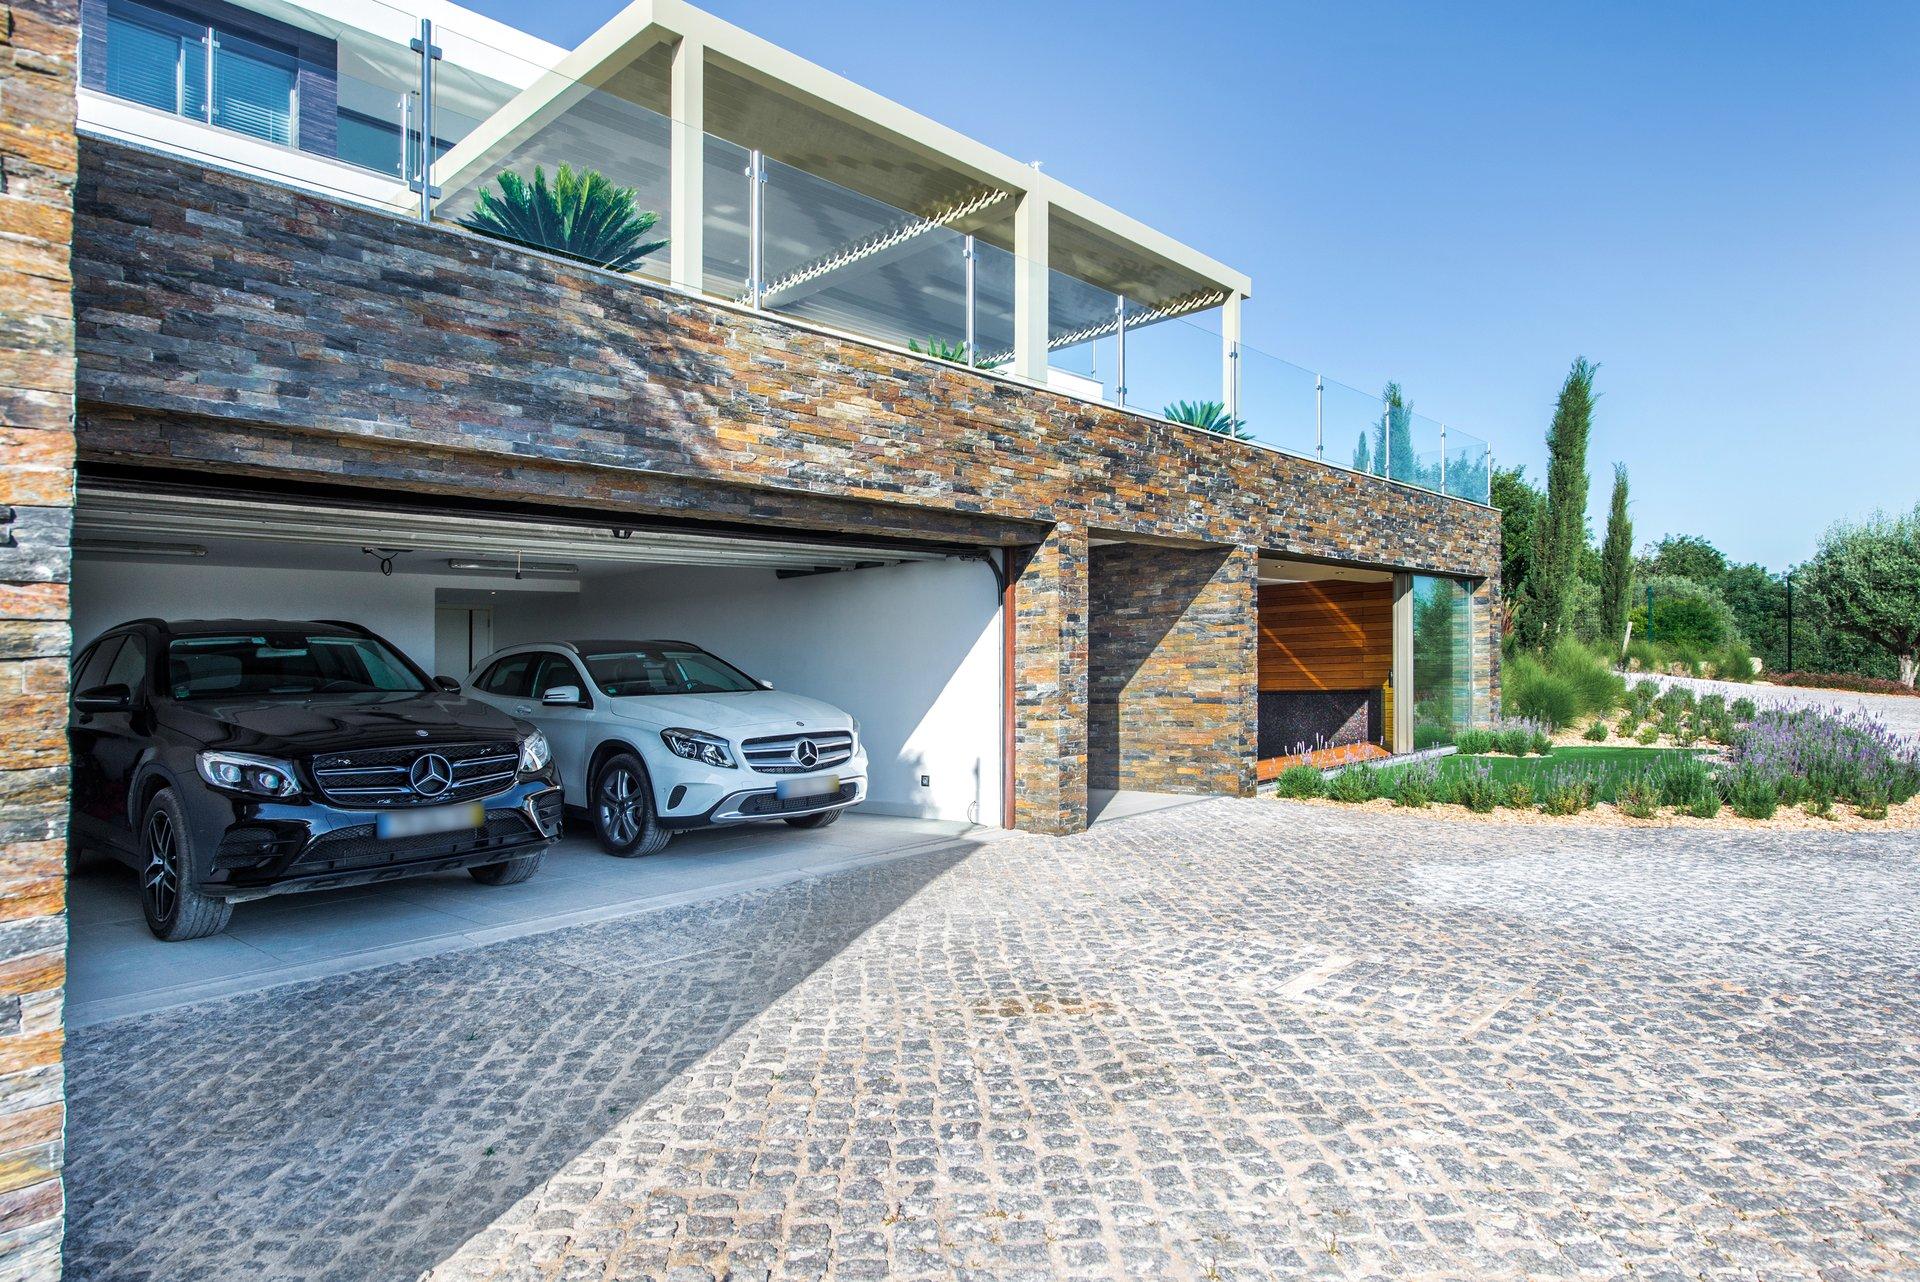 4 Bedroom Villa Vilamoura, Central Algarve Ref: MV22750